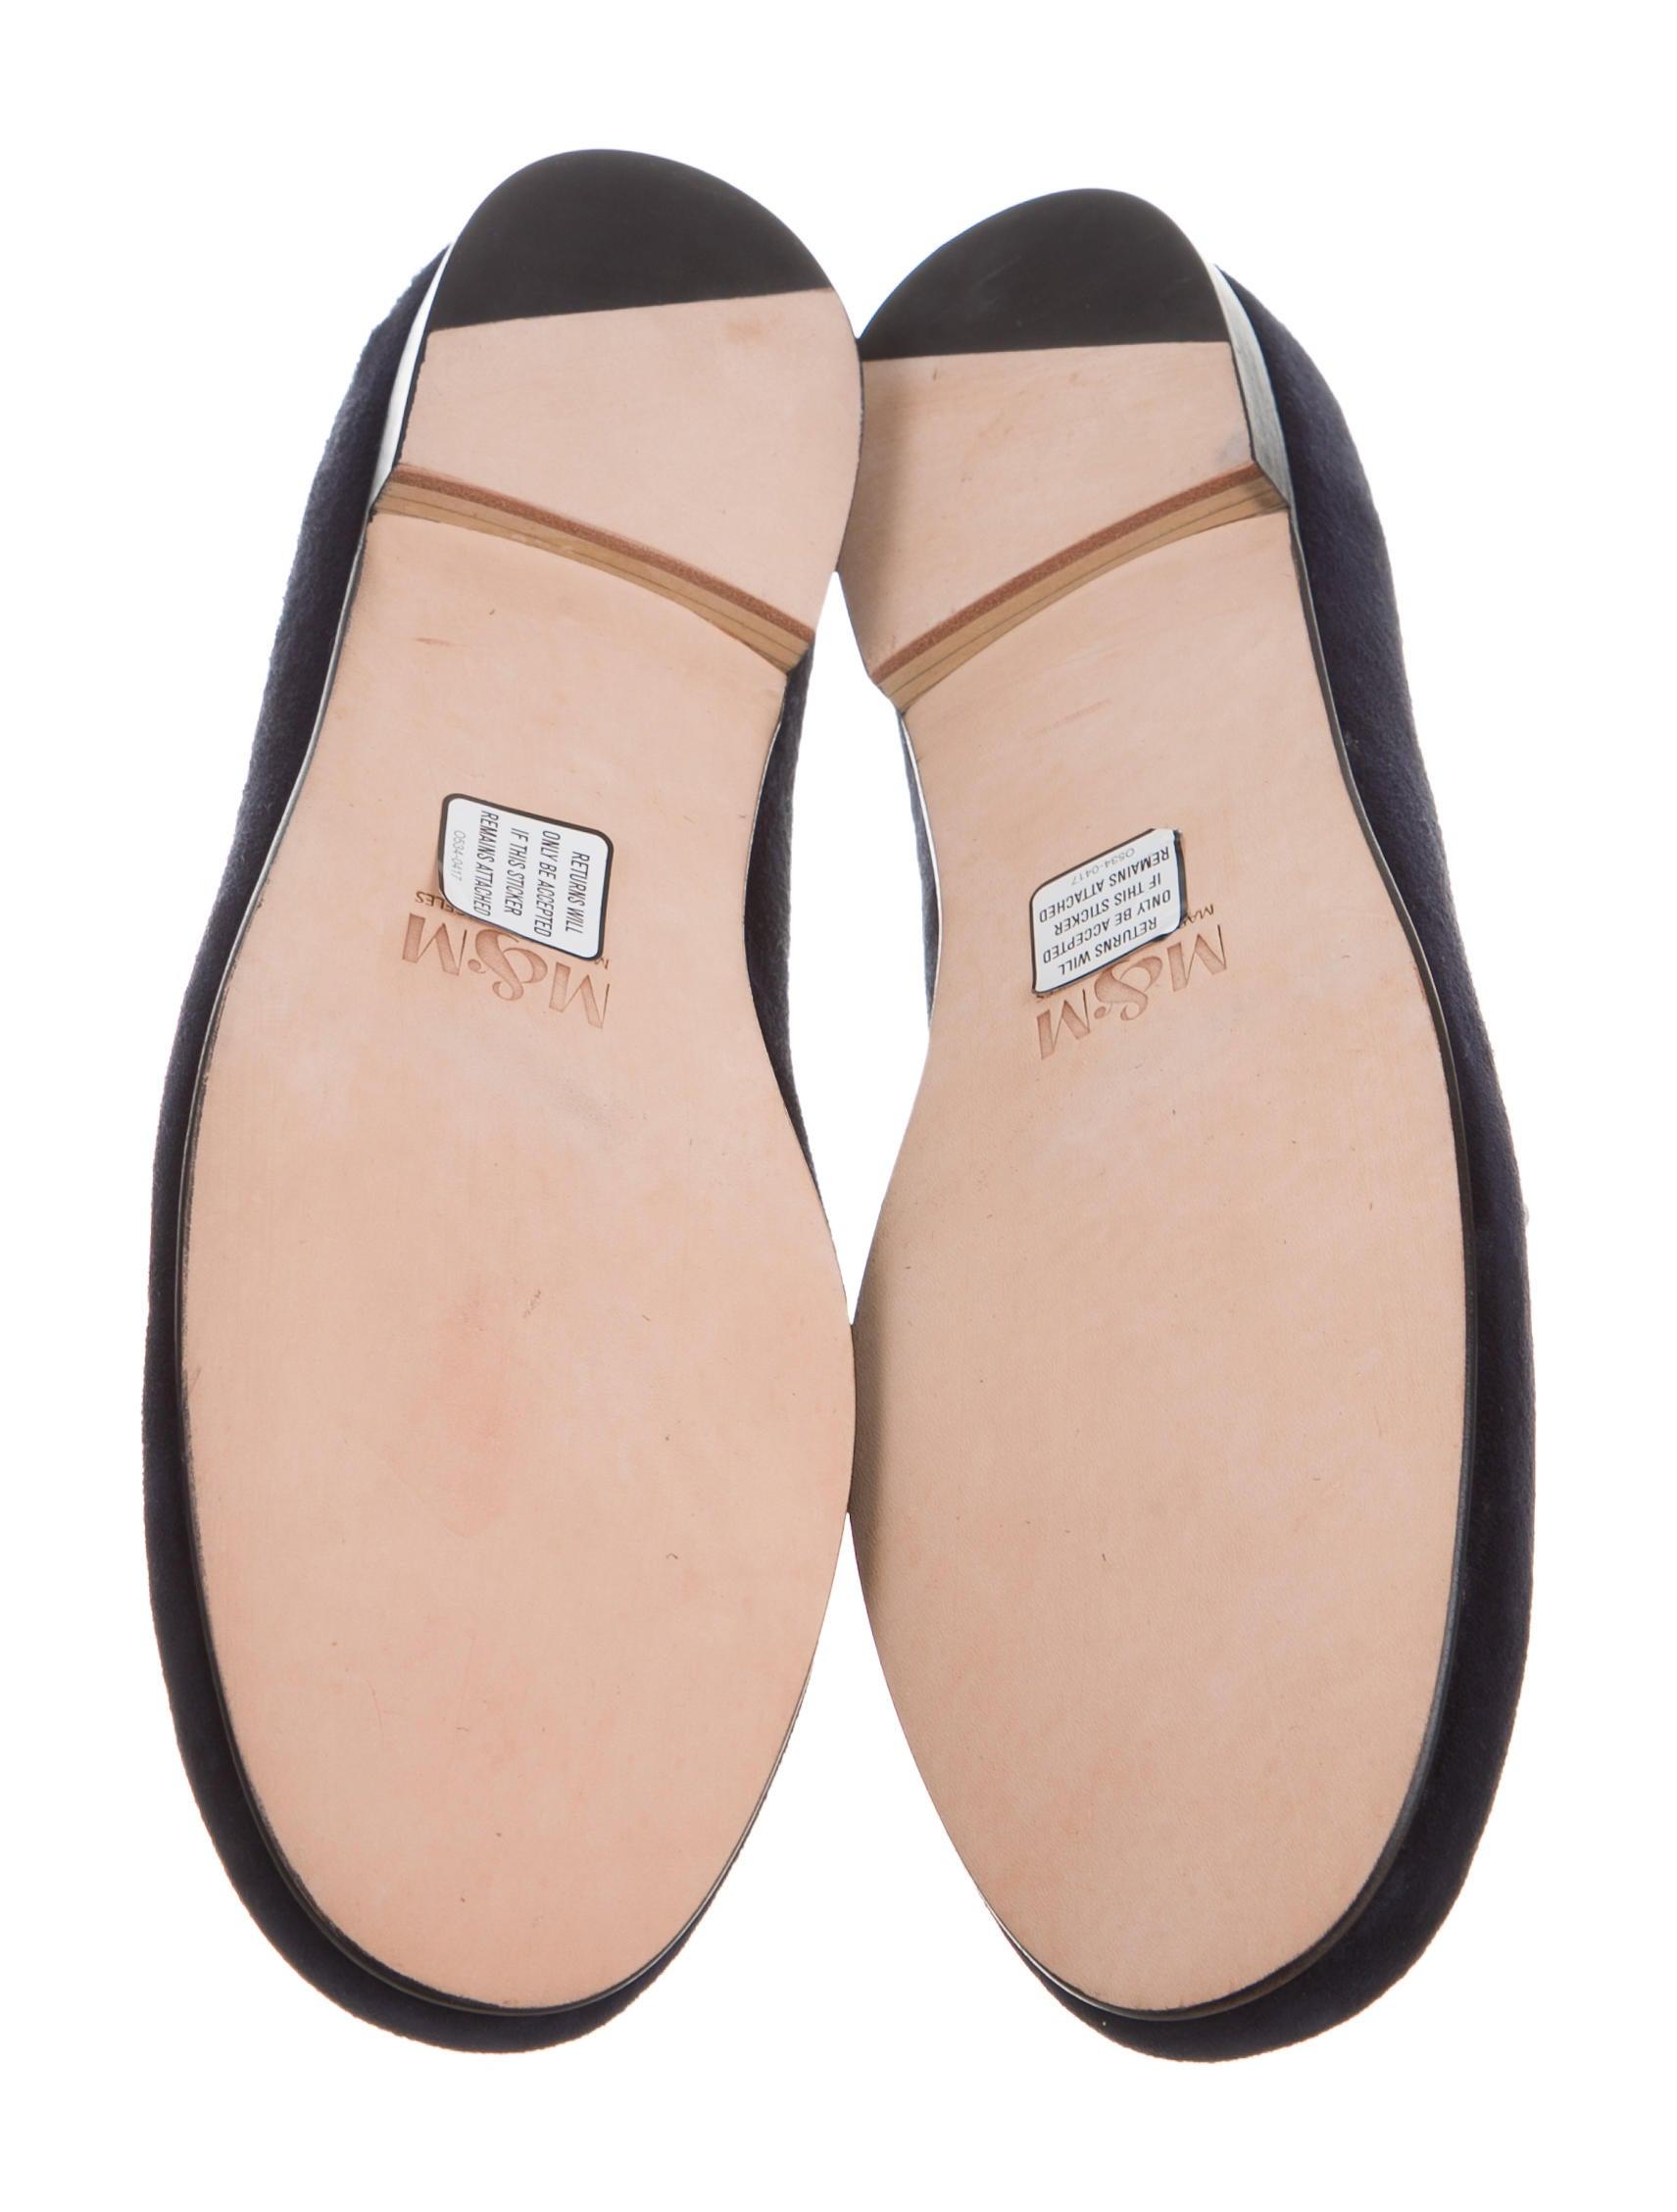 Mara Amp Mine Nicky M Smoking Slippers Shoes Wmara20355